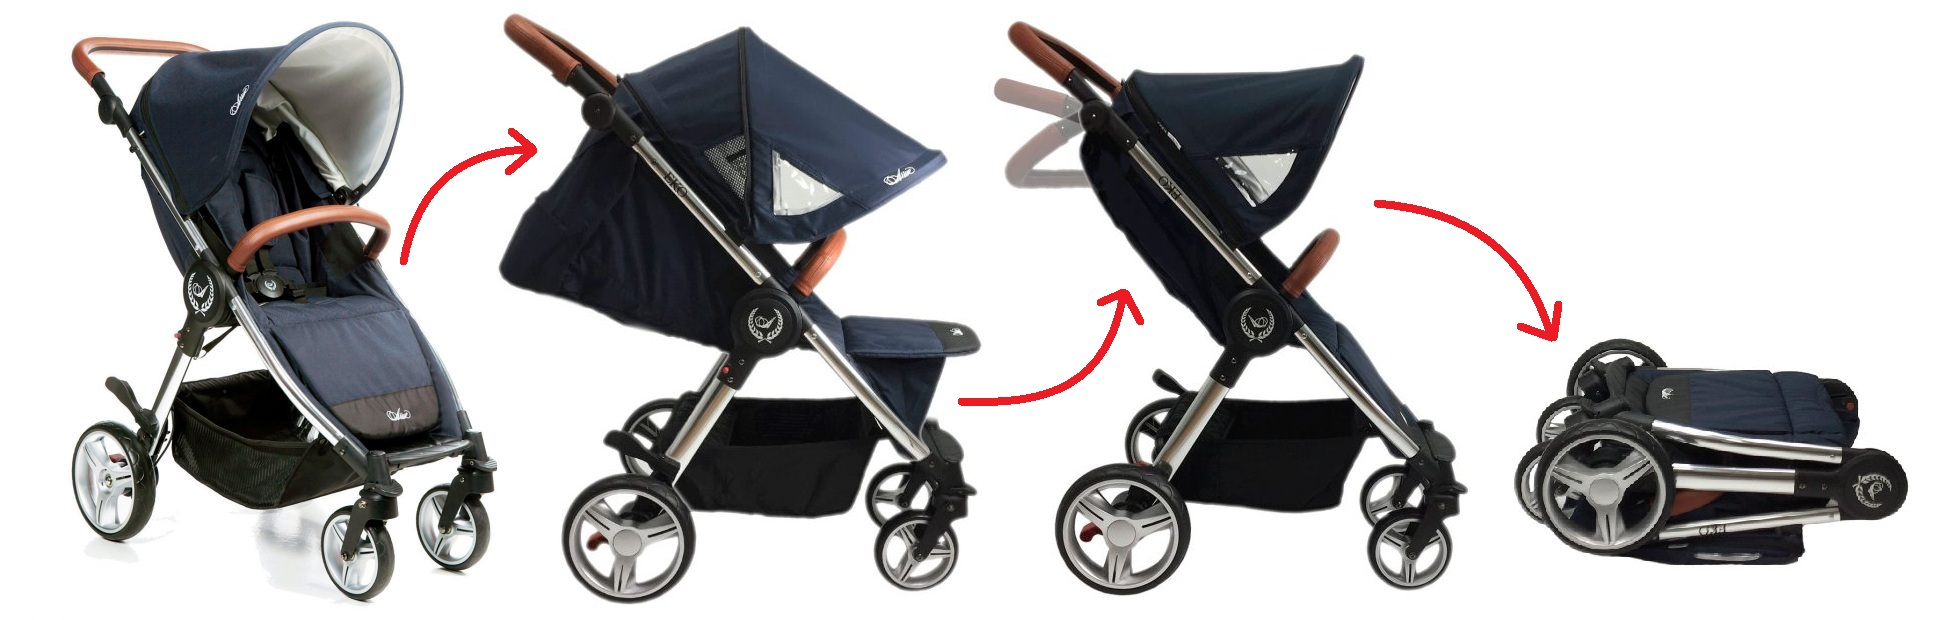 9bd2420b8 EKO es la revolucionaria silla de paseo de Arrue, pensada tanto para dar  largos paseos por el campo como para la ajetreada vida en la ciudad.